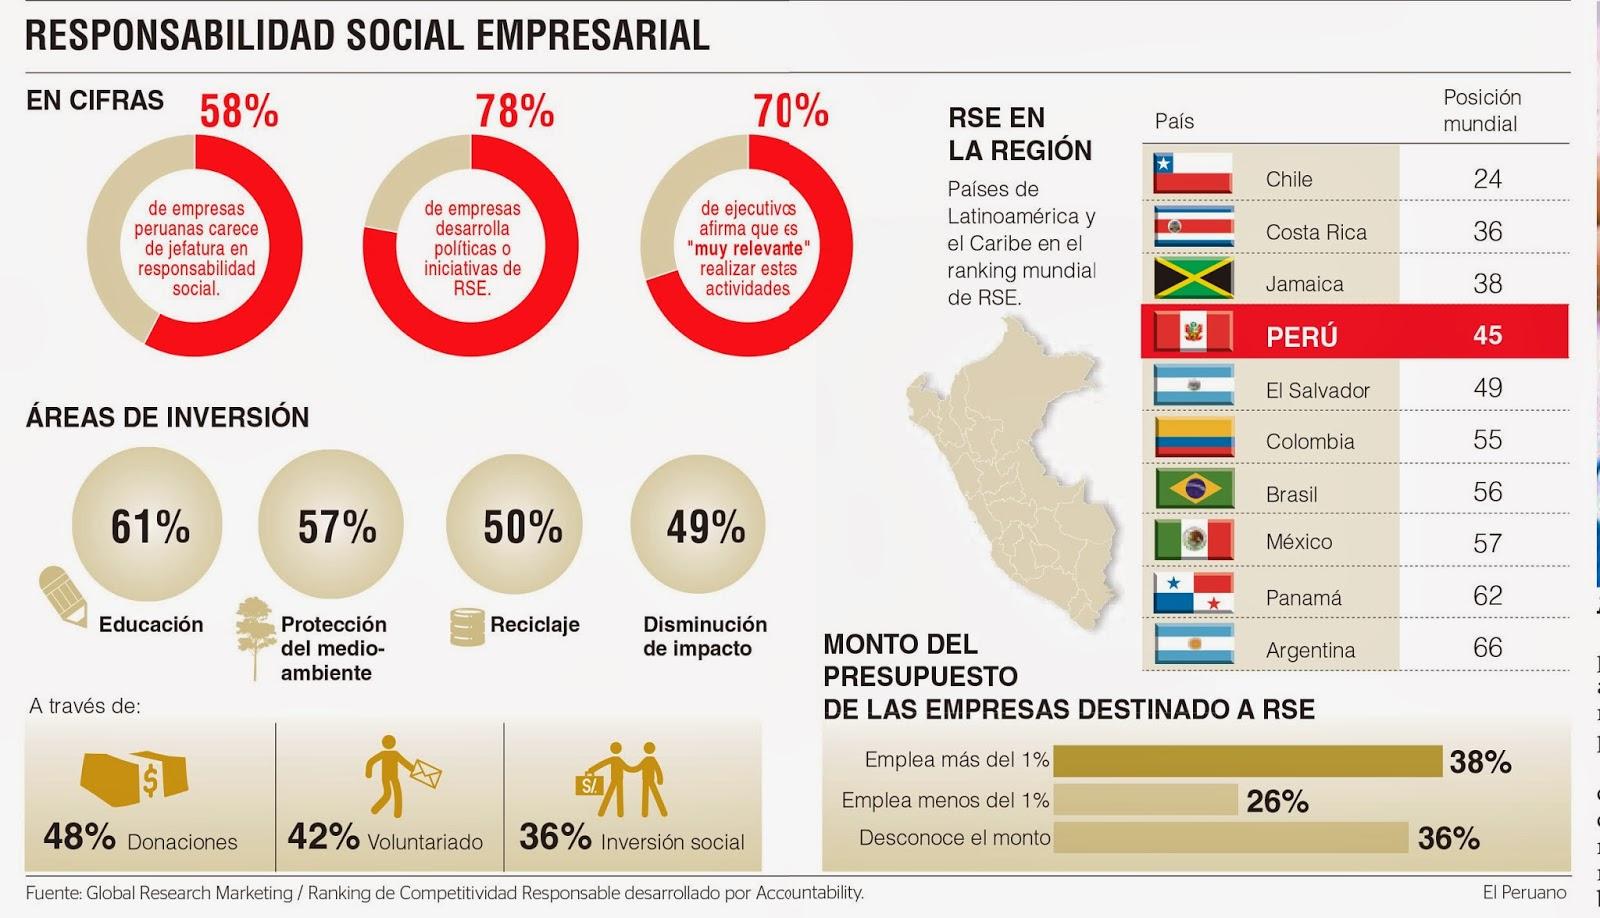 Responsabilidad 2 Parte2012 Cuidado Si Has Escrito Te: La Responsabilidad Social Empresarial (RSE) En El Perú